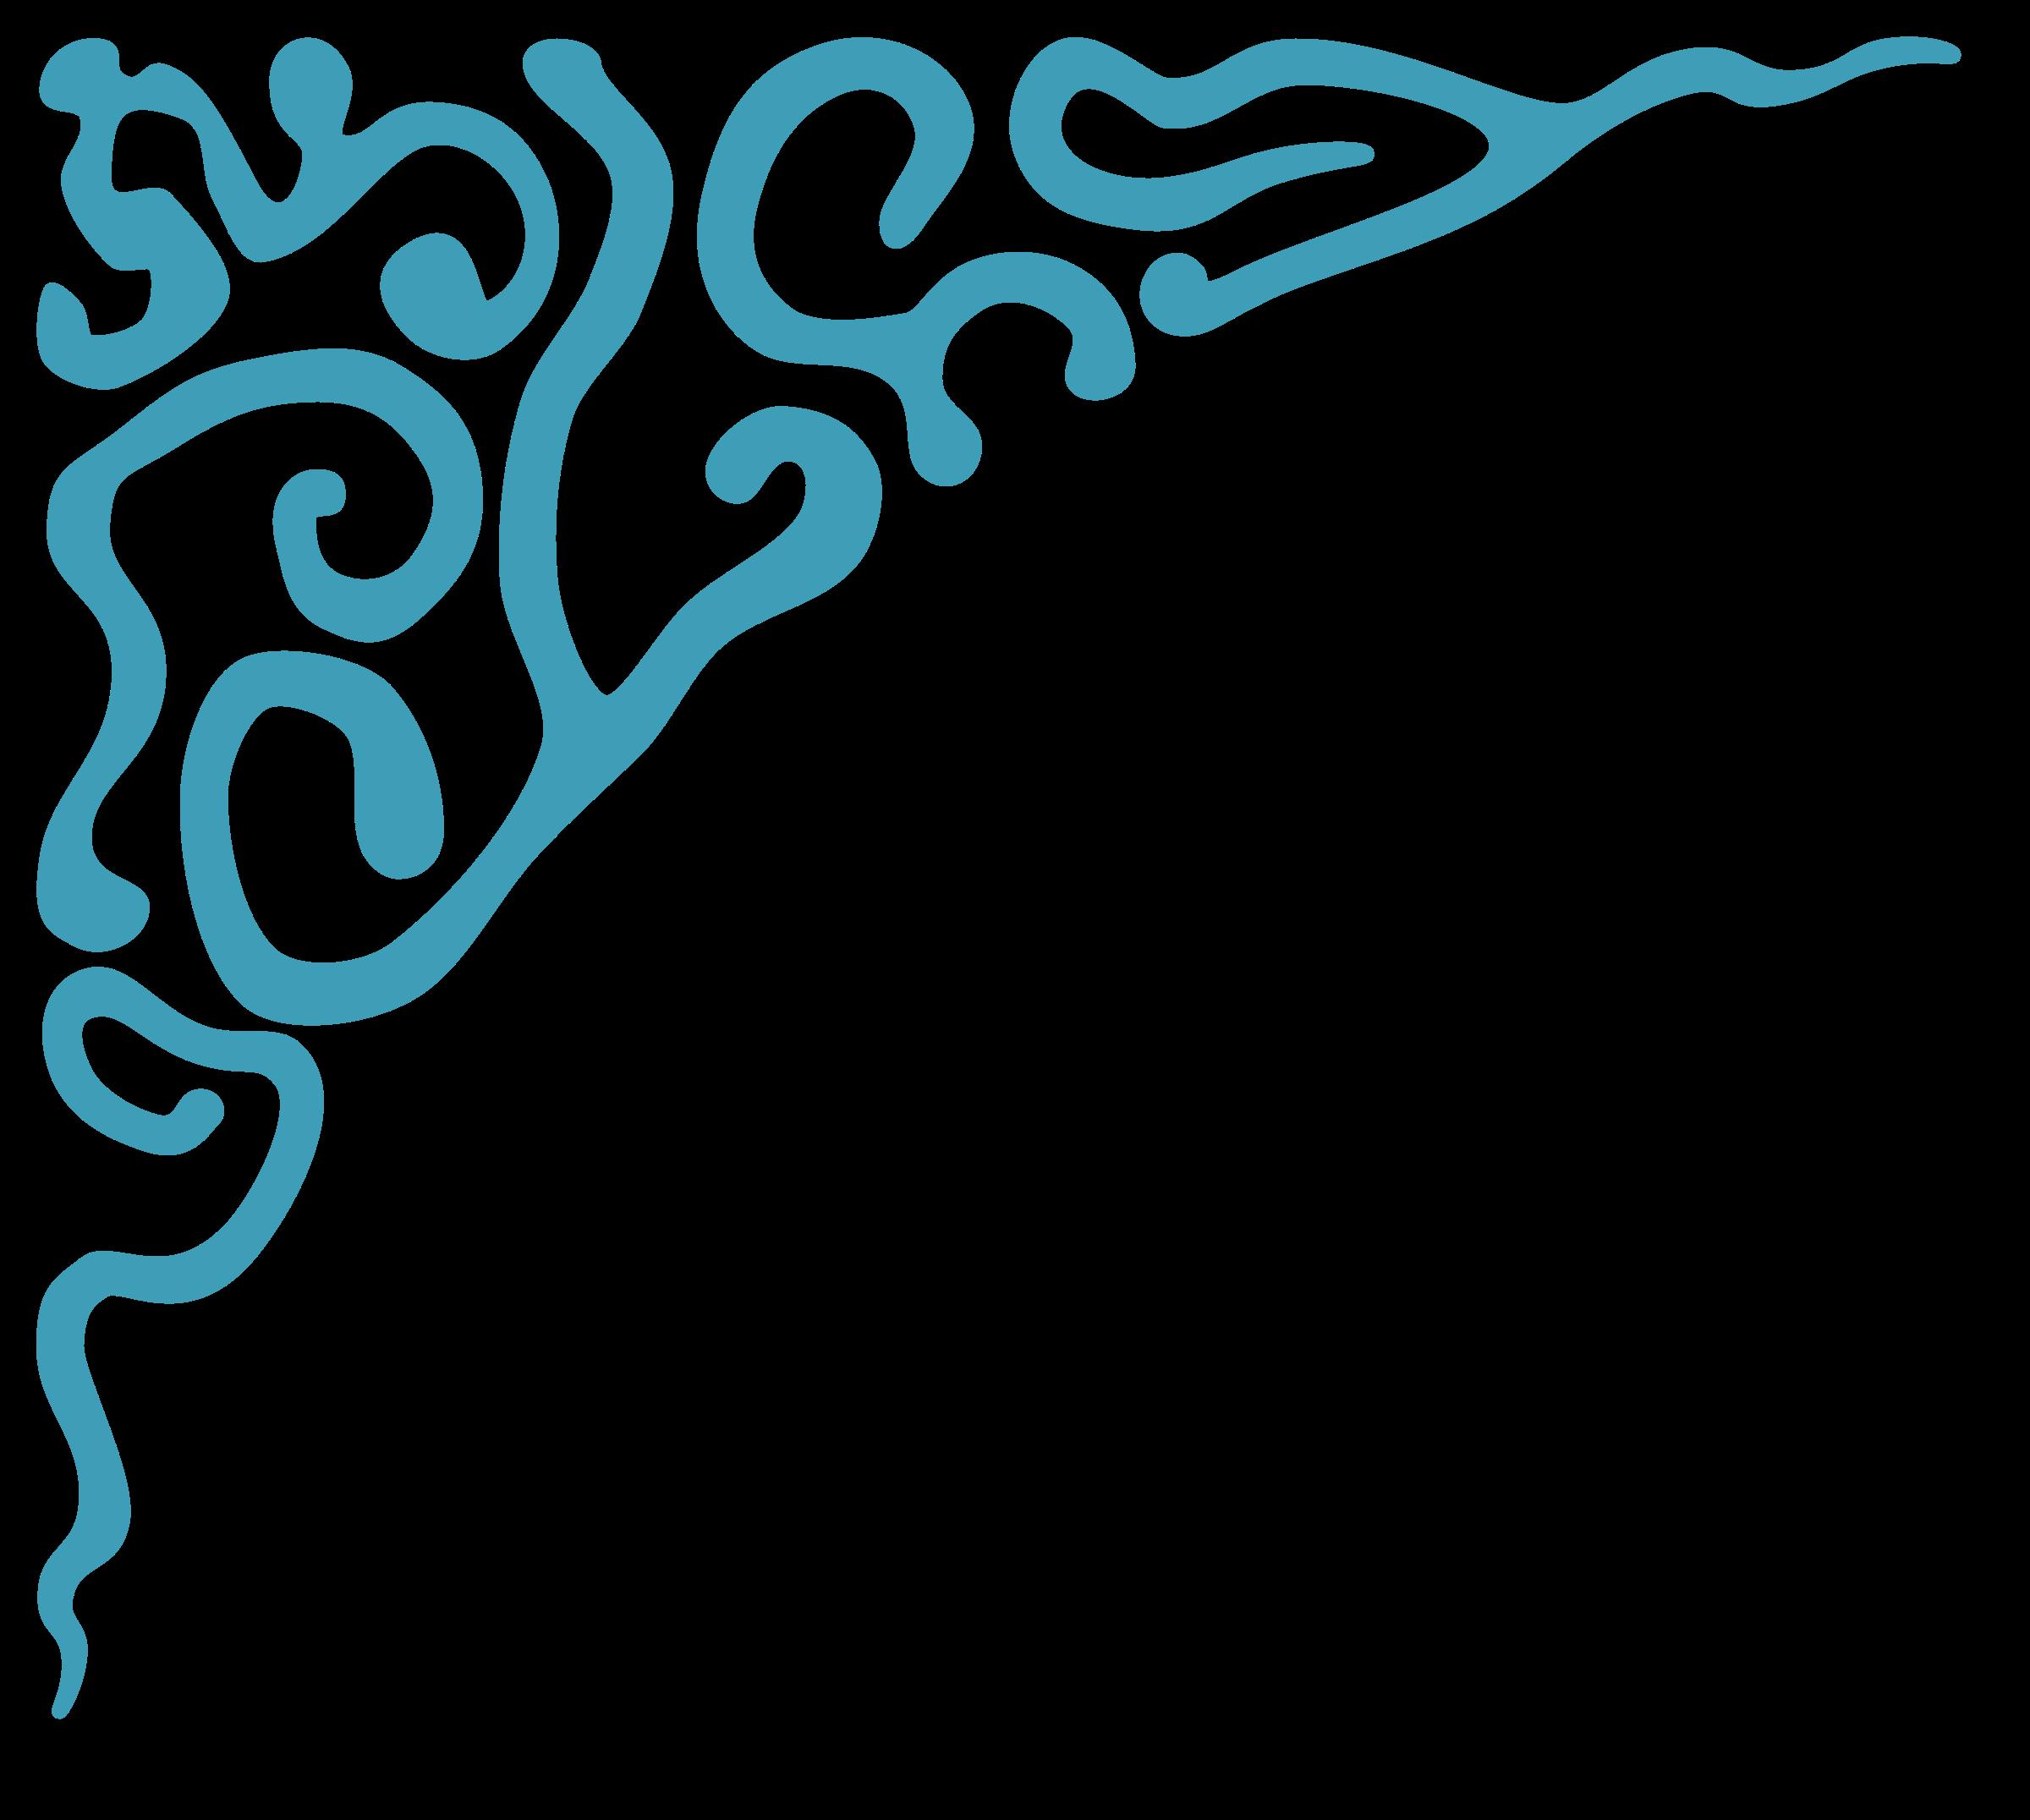 Corner flourish clipartmonk free. Scroll clipart logo